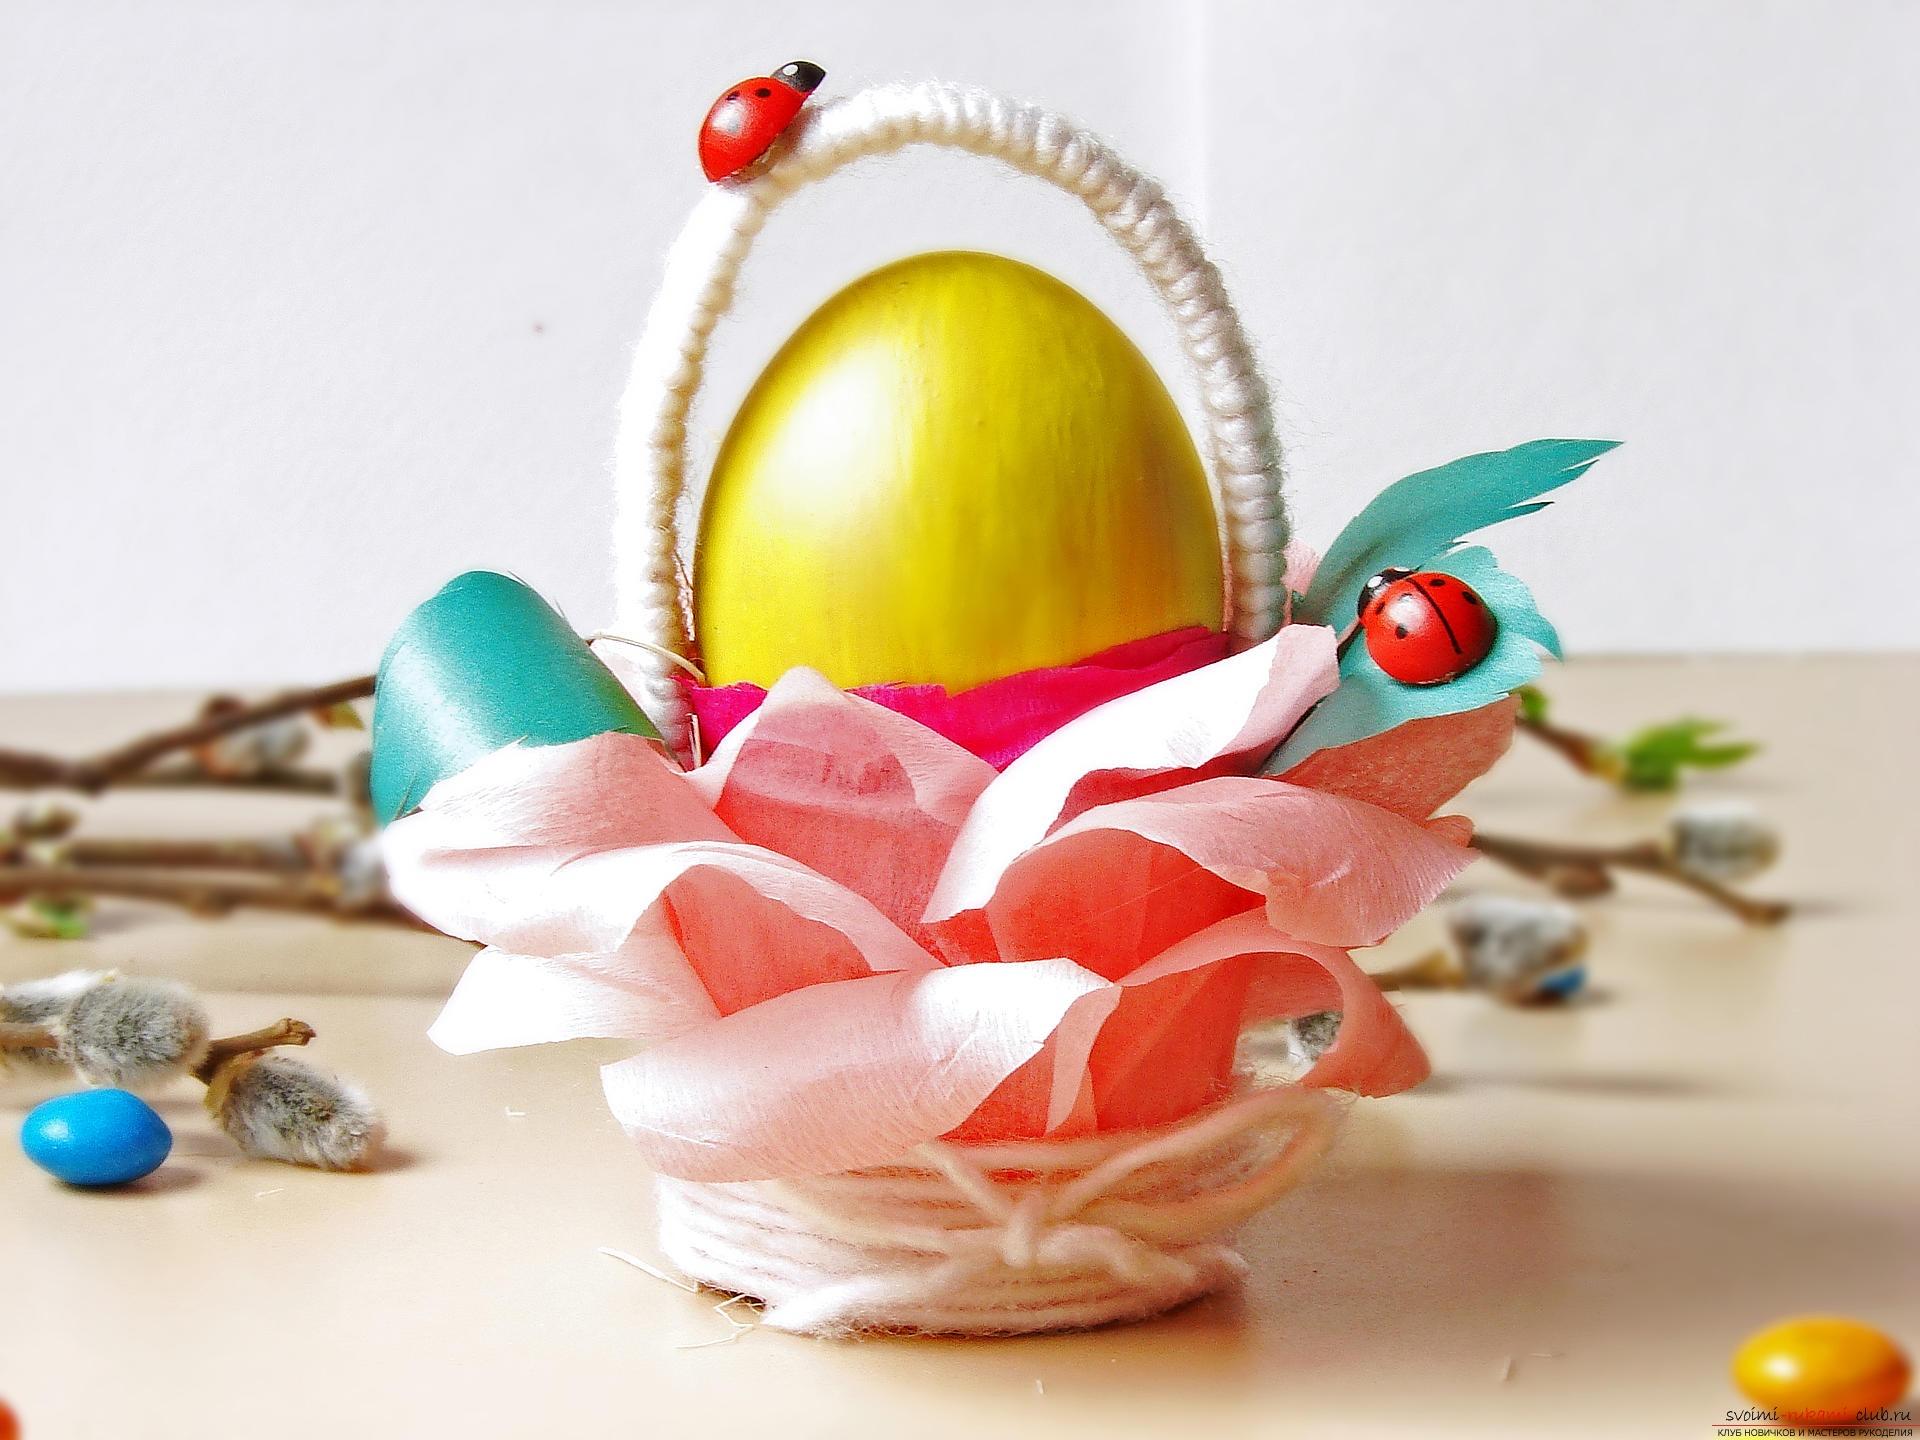 Пасхальные поделки: подставка для яйца своими руками. - карточка от пользователя lady.jano в Яндекс.Коллекциях